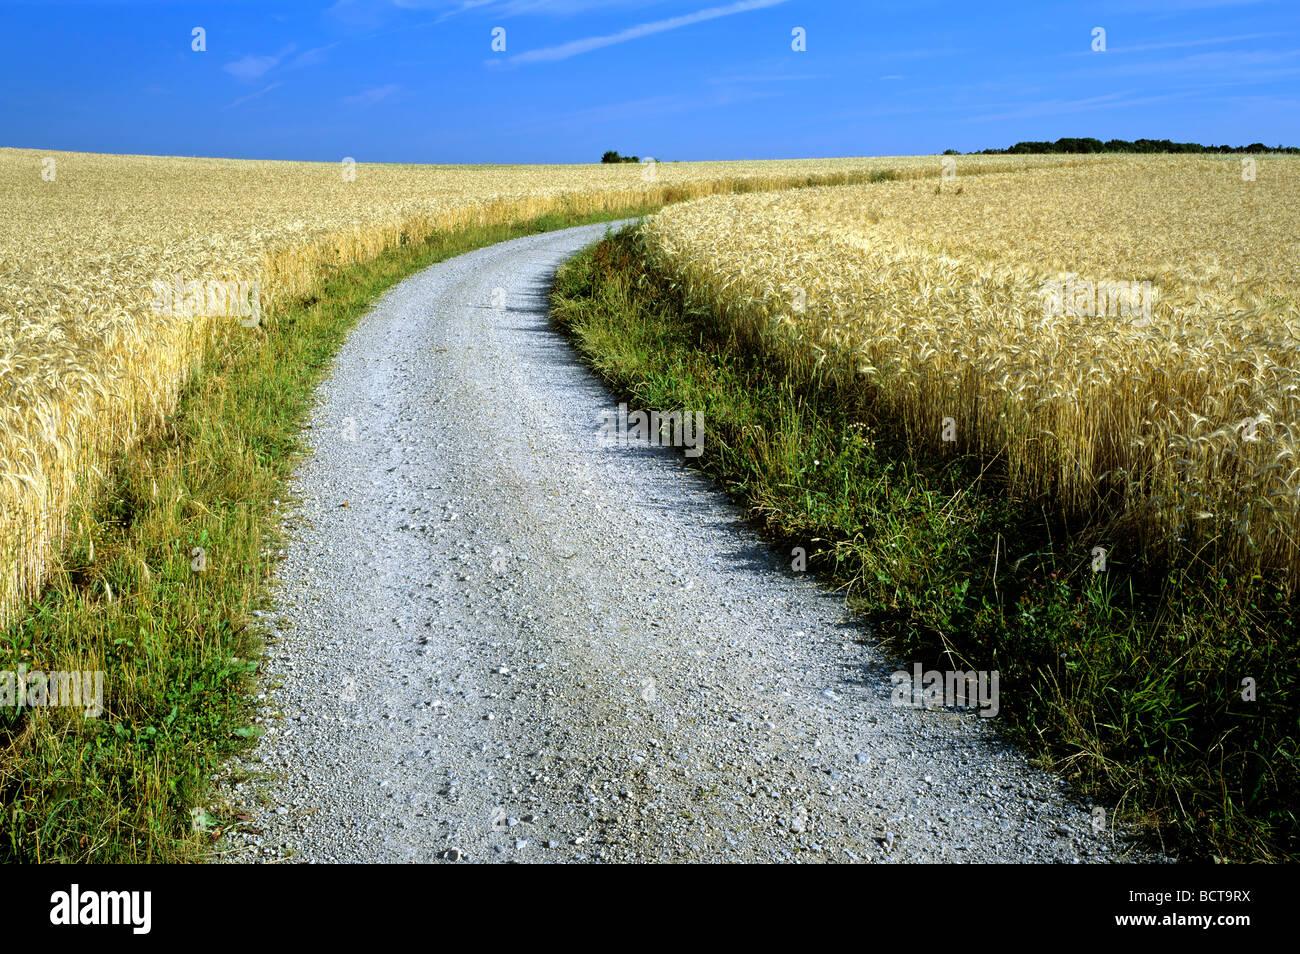 Crop sprites Dirt-road-gravel-road-between-fields-of-grain-barley-field-upper-bavaria-BCT9RX